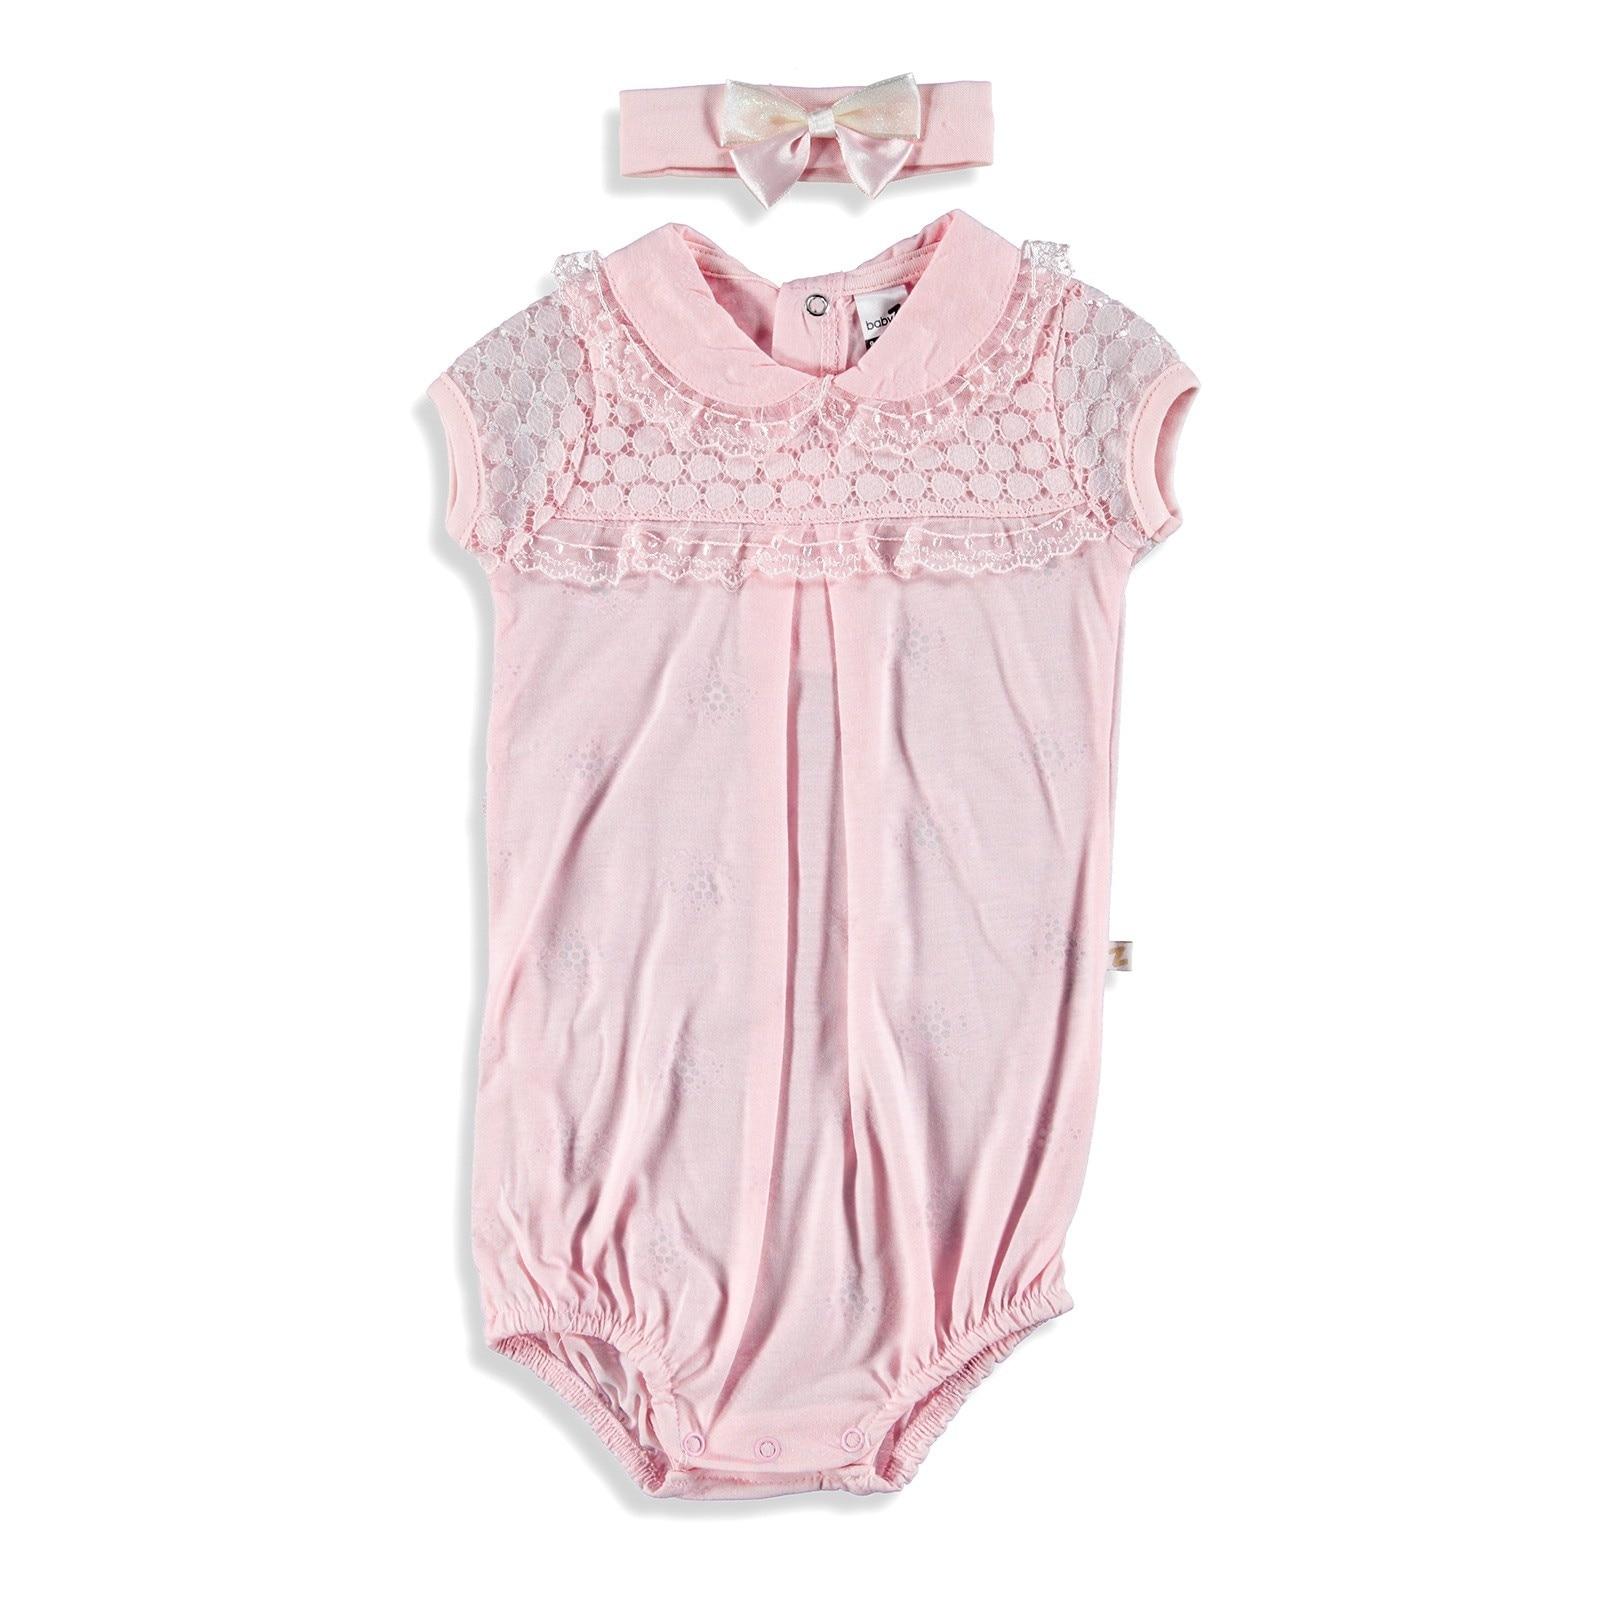 Ebebek BabyZ Lacy Detailed Baby Girl Bodysuit